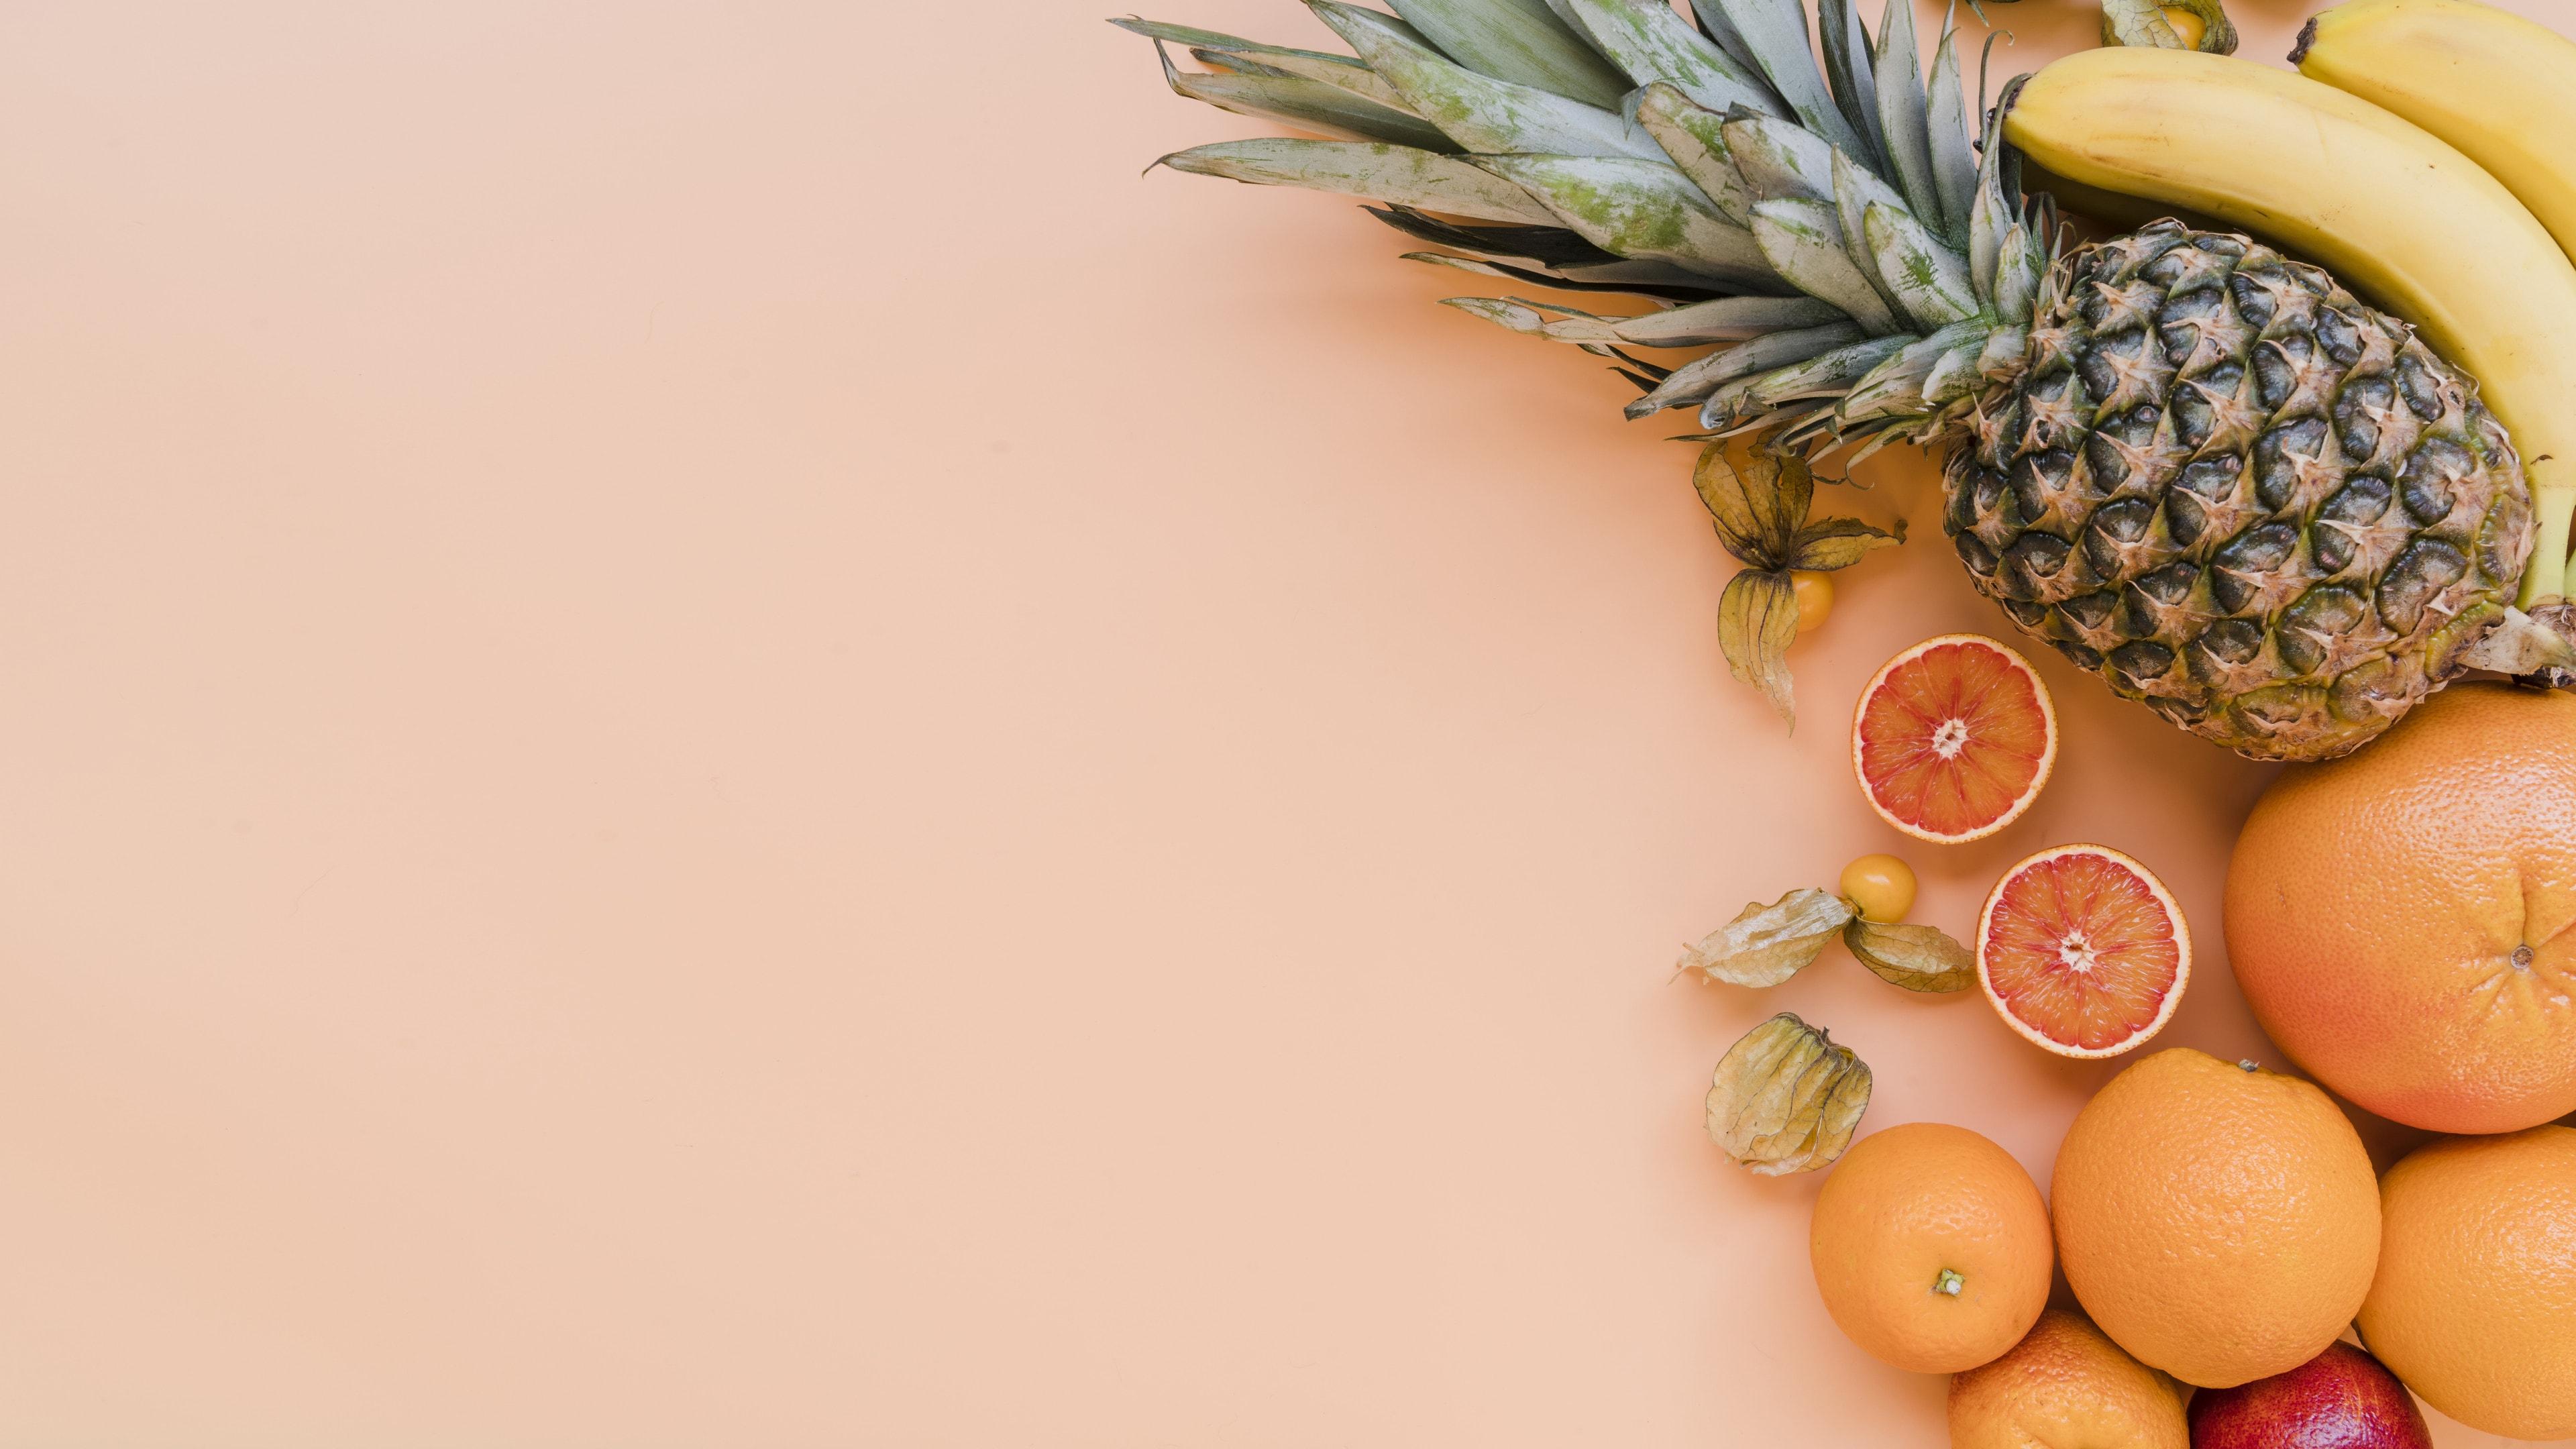 Delicious fresh fruits on orange background